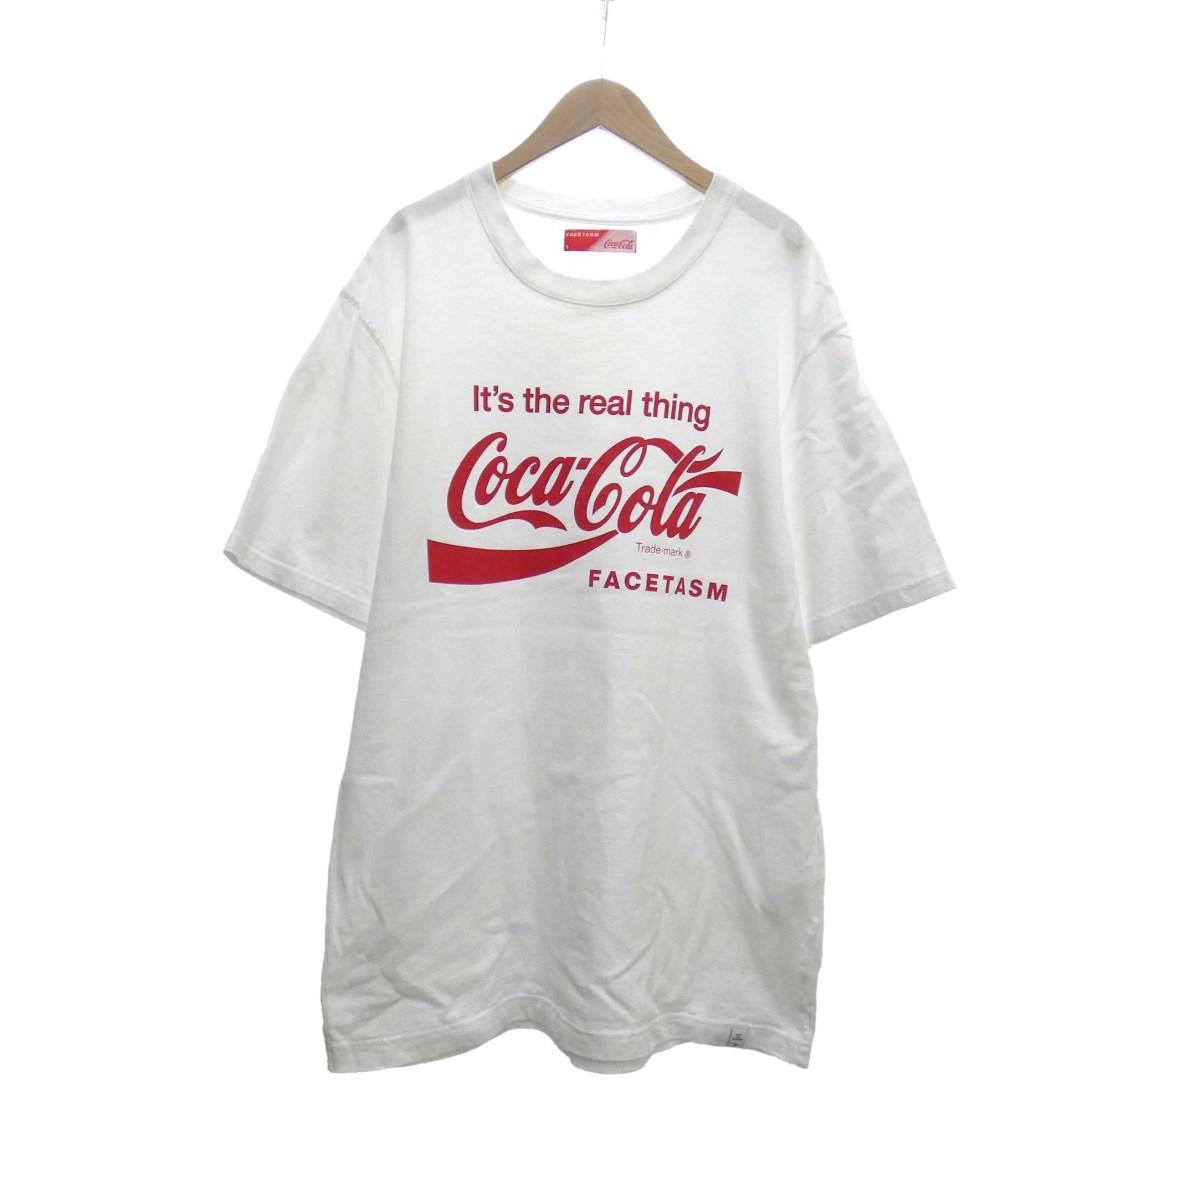 【中古】FACETASM Coca-Cola 半袖Tシャツ ホワイト サイズ:5 【160520】(ファセッタズム)